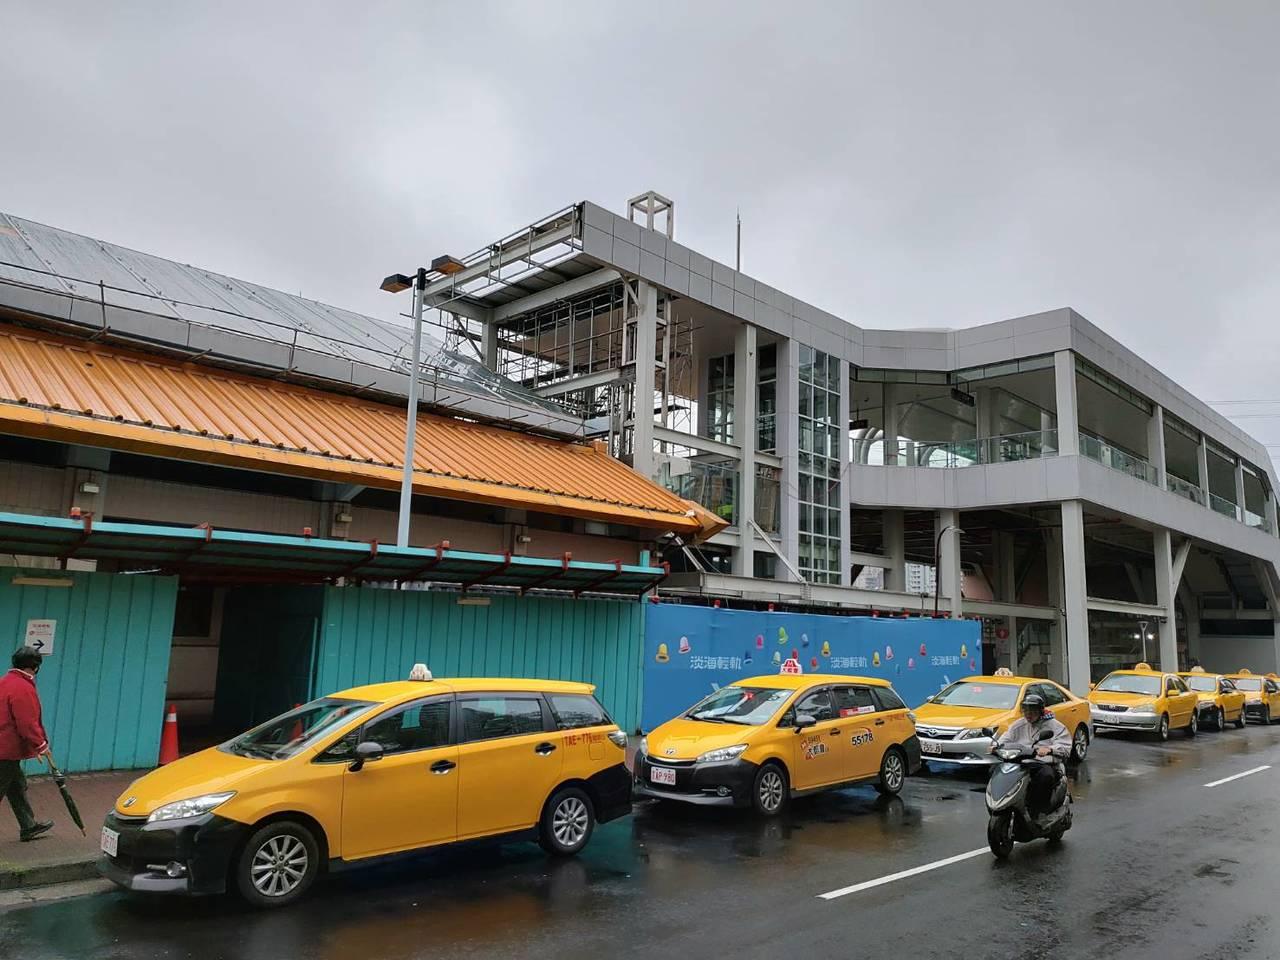 連通道預計七月完成,屆時民眾轉乘淡海輕軌免出站。 圖/新北市捷運局提供